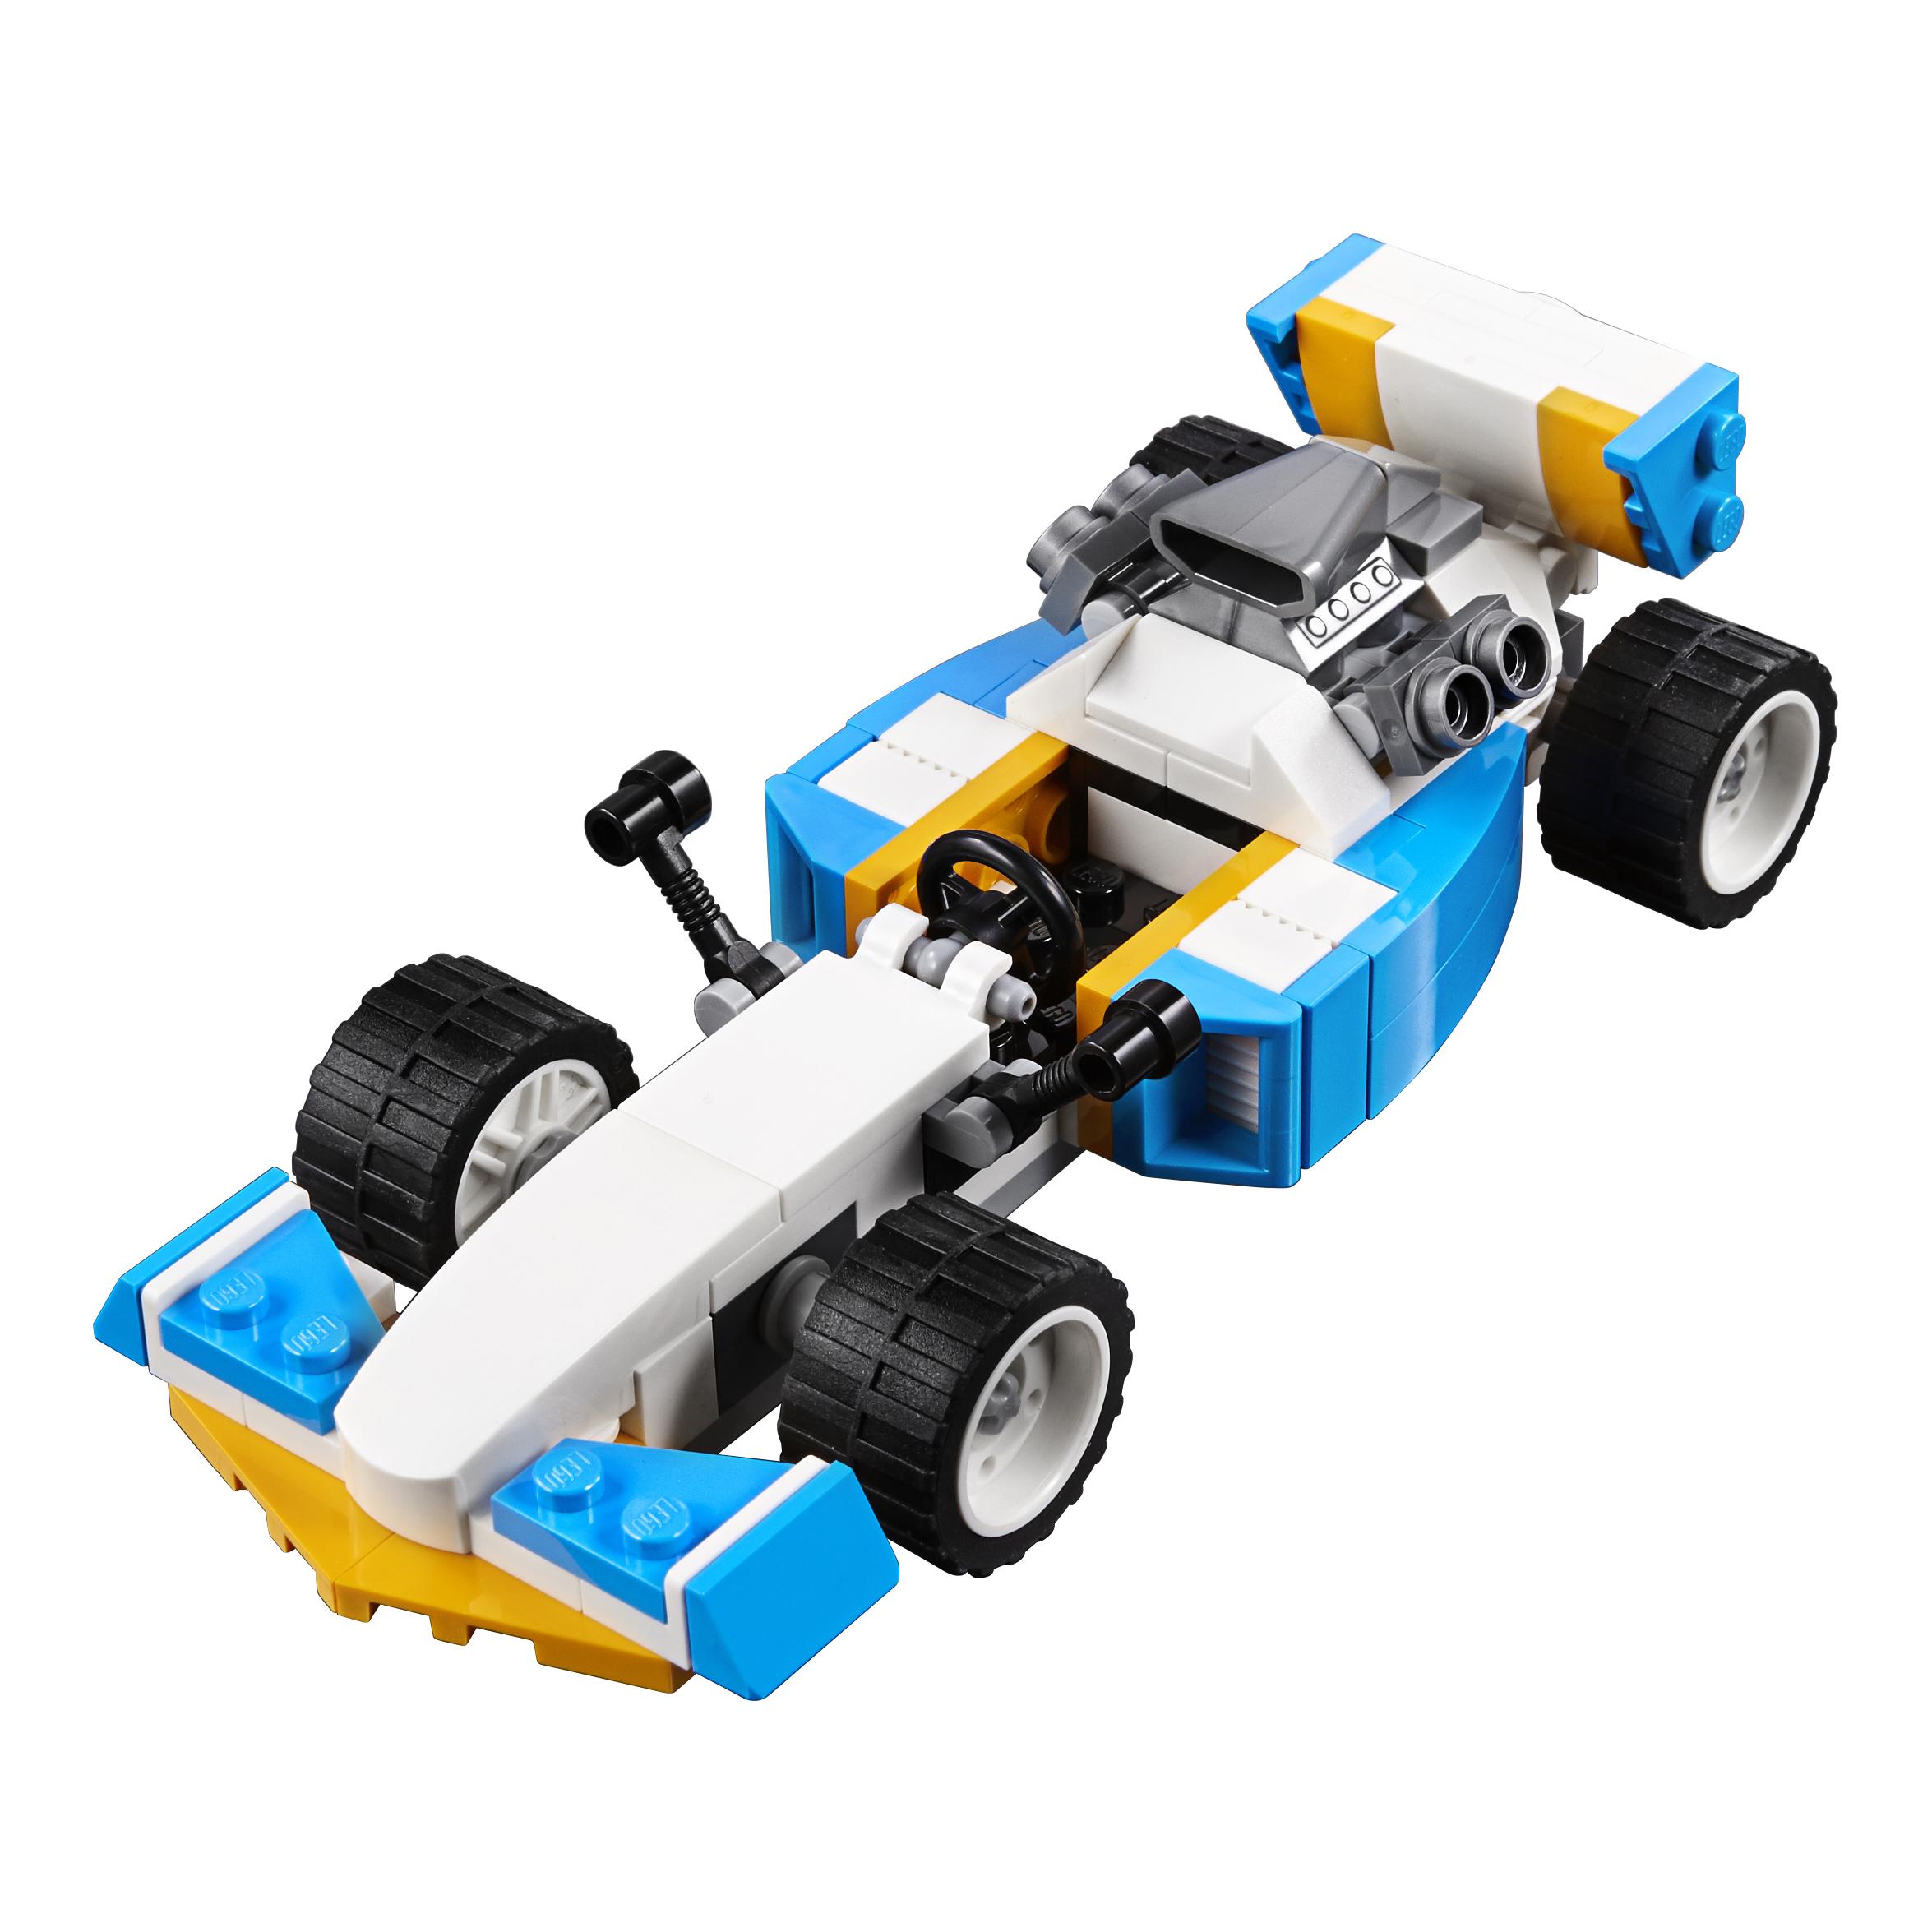 Конструктор LEGO Creator Экстремальные гонки (31072) фото